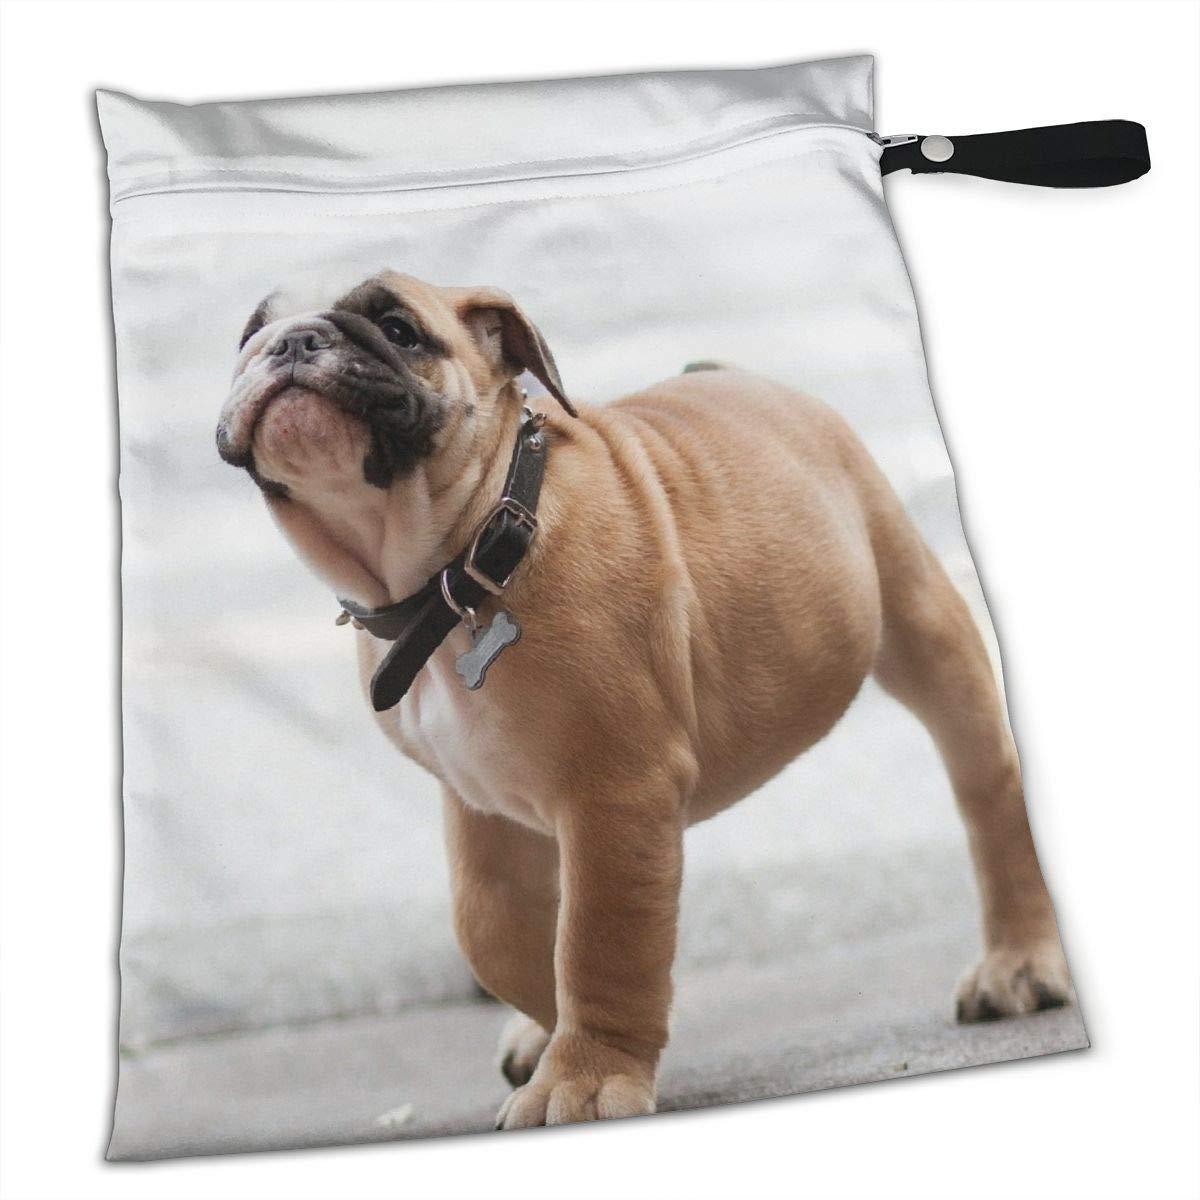 Amazoncom Bulldog Dog Dog Collar Muzzle Sundries Bag Diaper Bag Baby